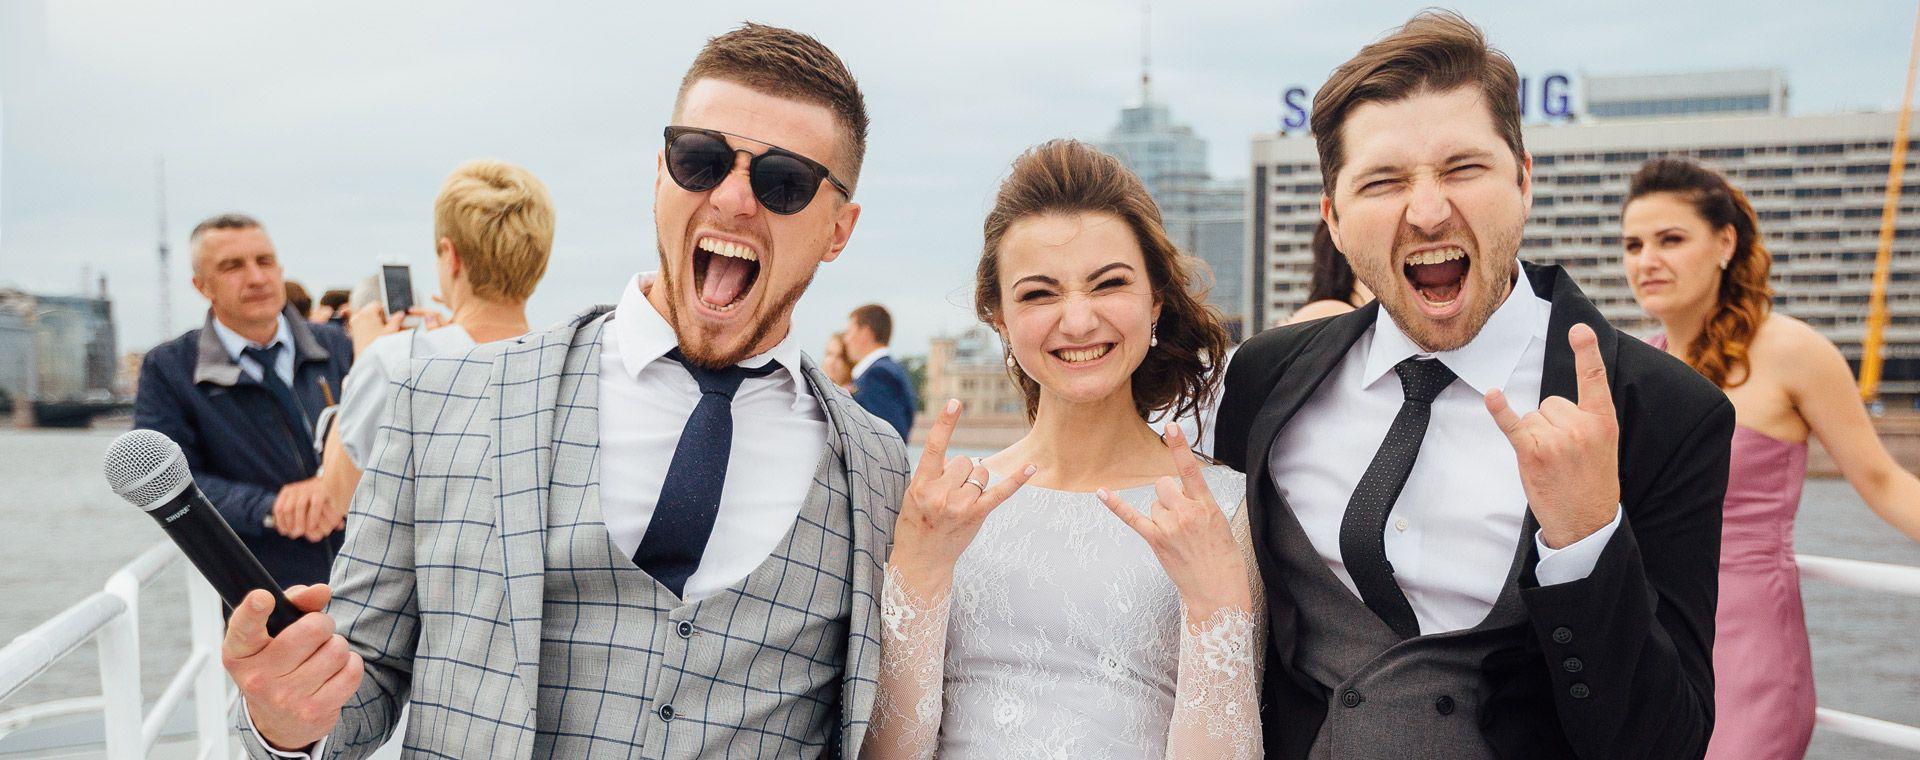 6l5DJa 5OM4 - Как рекламировать услуги ведущего/свадебного ведущего